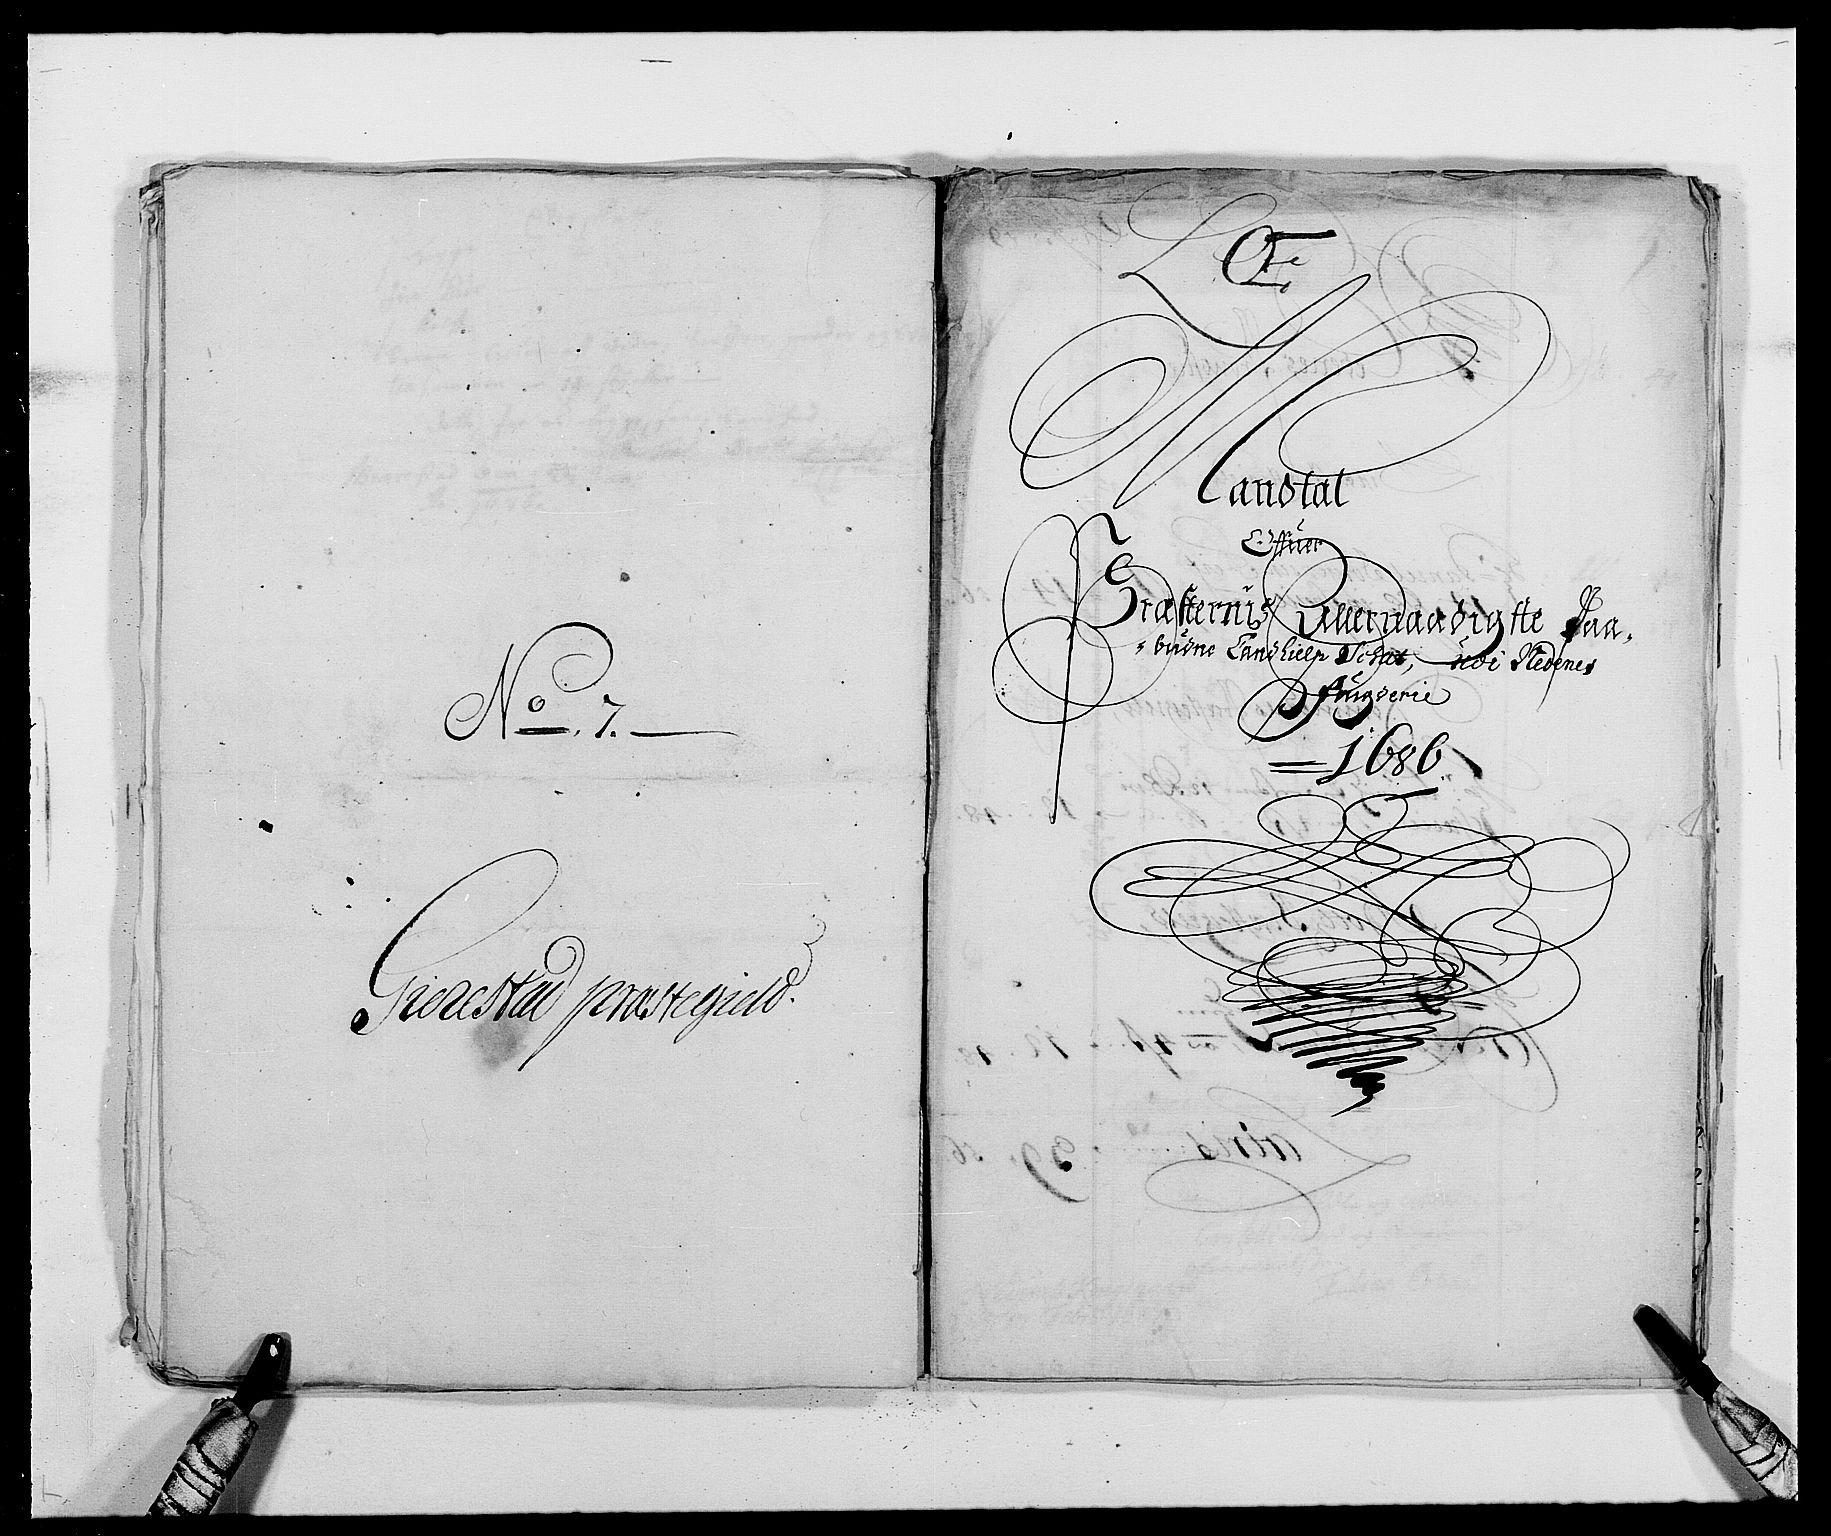 RA, Rentekammeret inntil 1814, Reviderte regnskaper, Fogderegnskap, R39/L2308: Fogderegnskap Nedenes, 1684-1689, s. 438